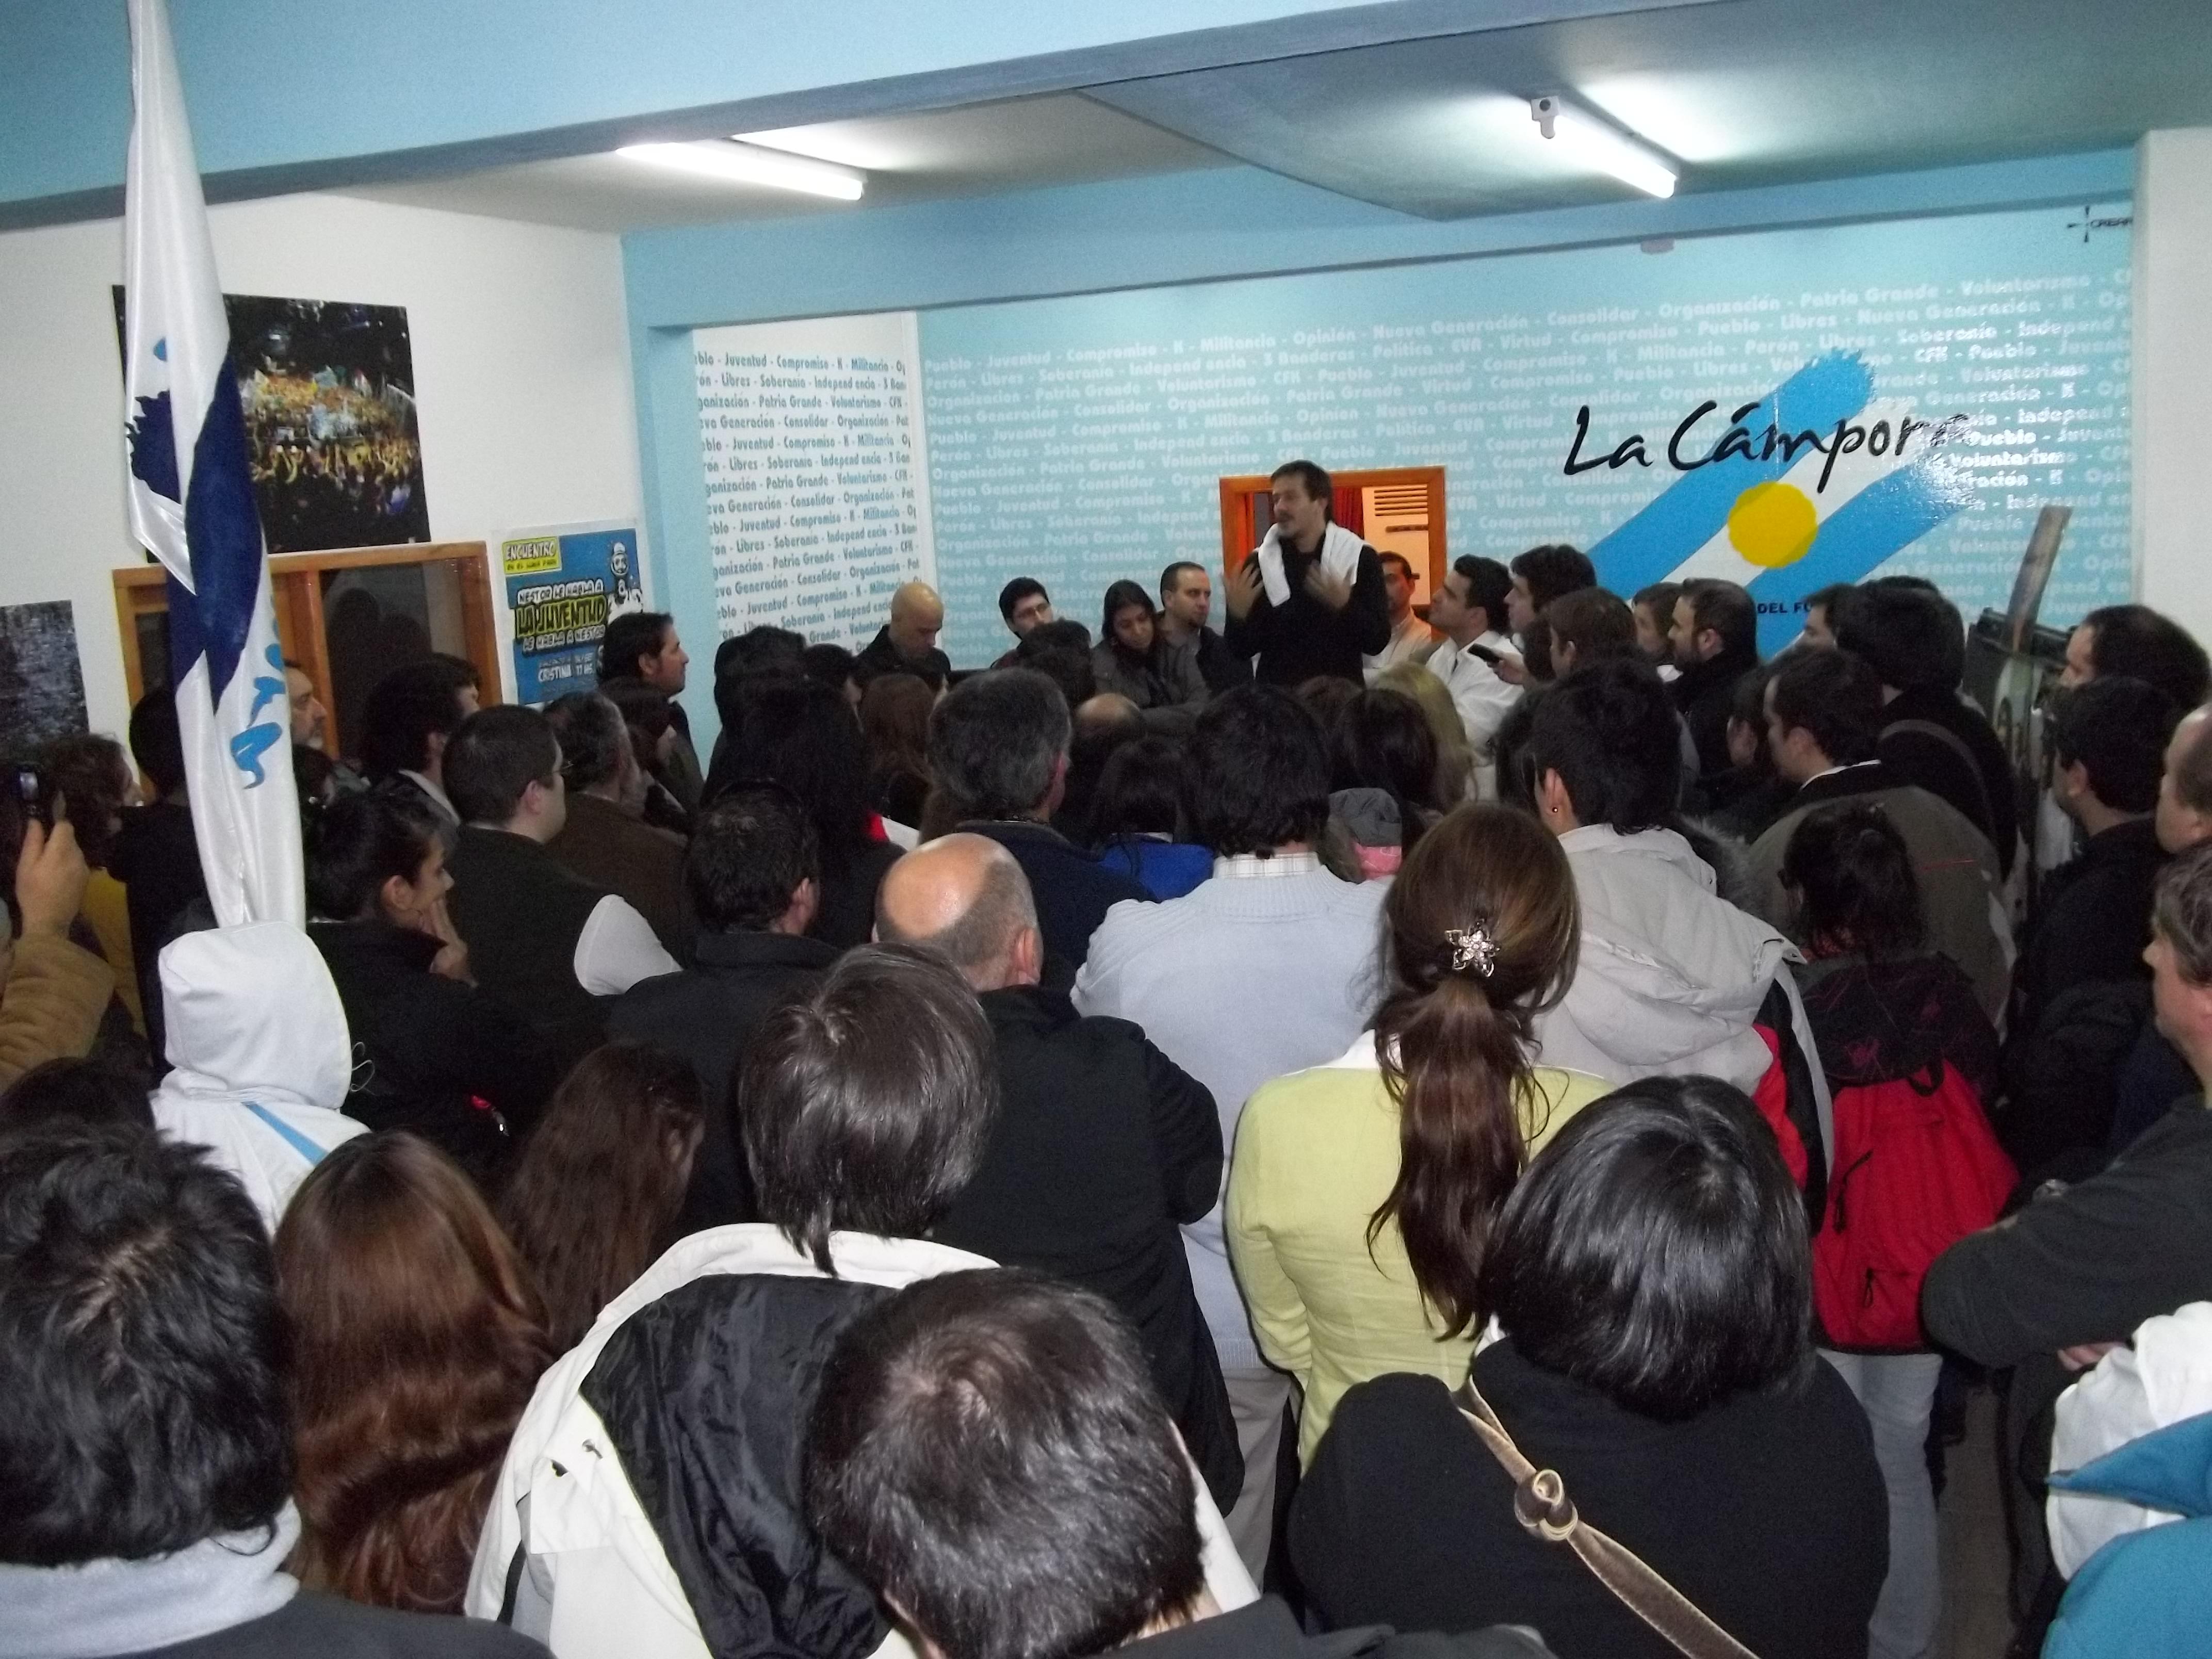 Mariano Recalde en Tierra del Fuego